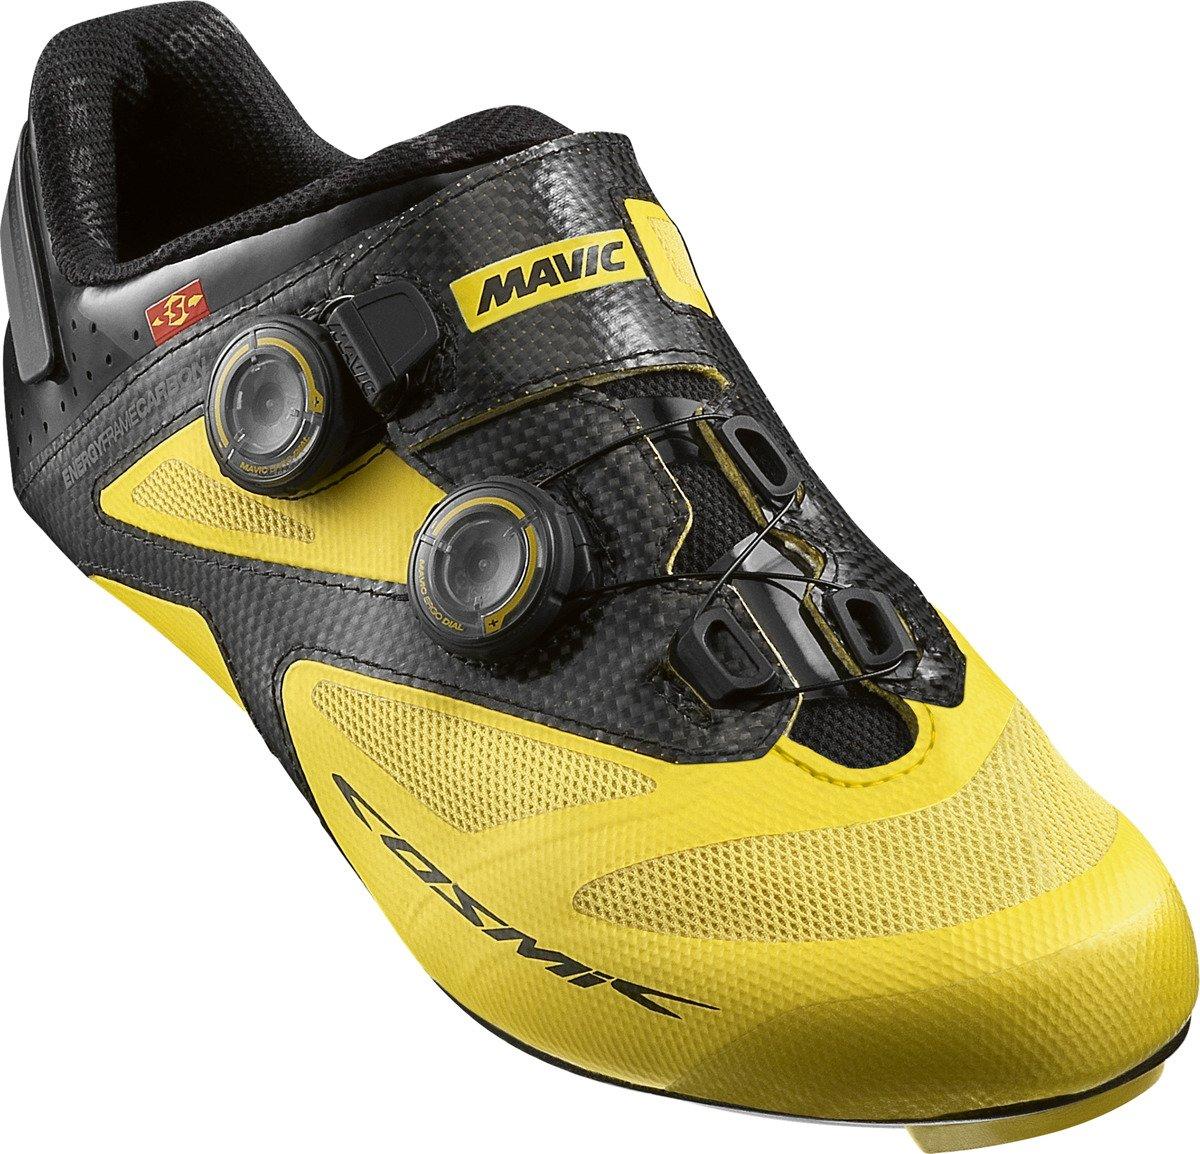 Buty rowerowe szosowe MAVIC Cosmic Ultimate II yellow black